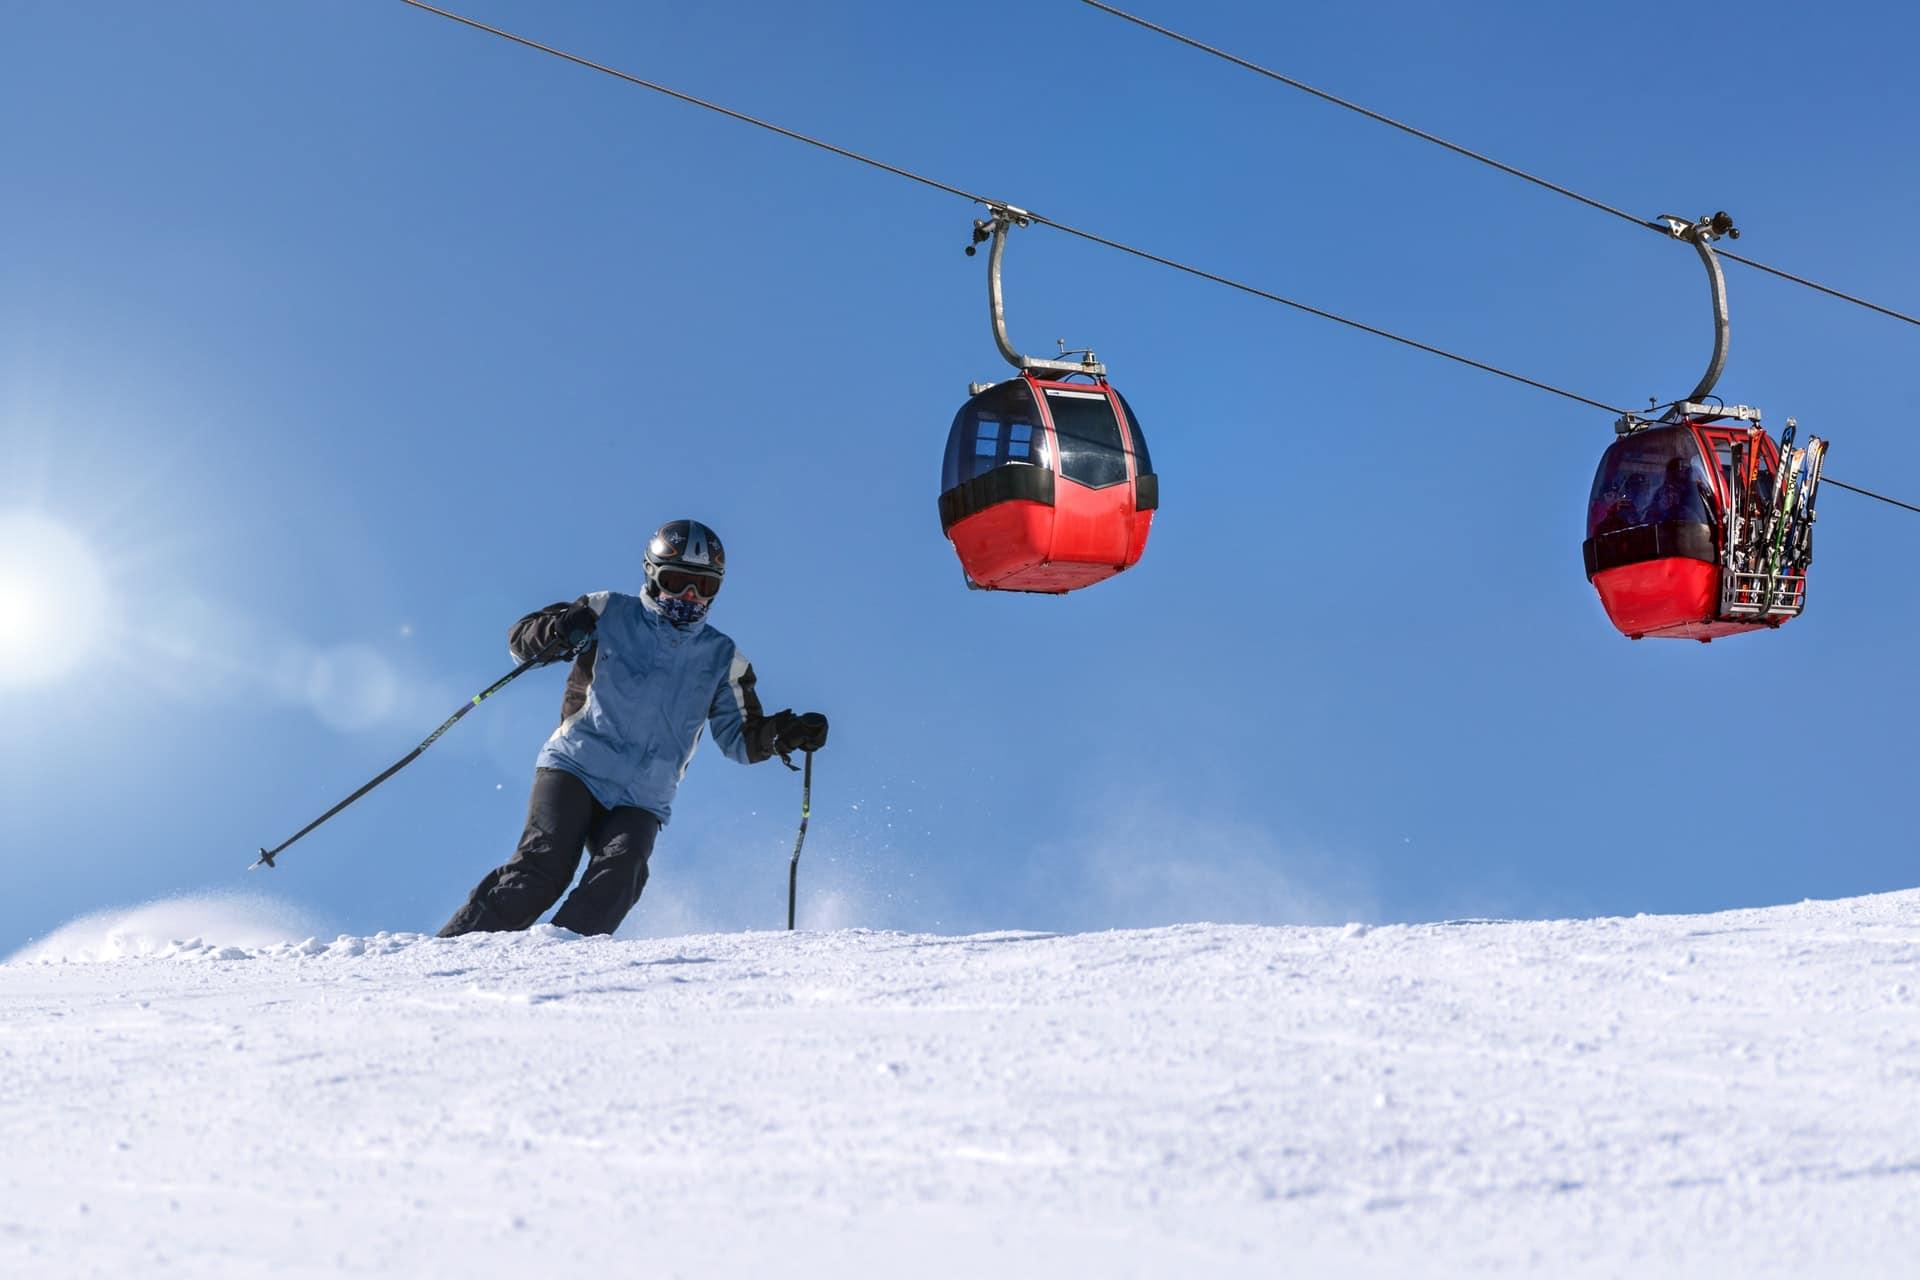 jak-cwiczyc-przed-wyjazdem-na-narty